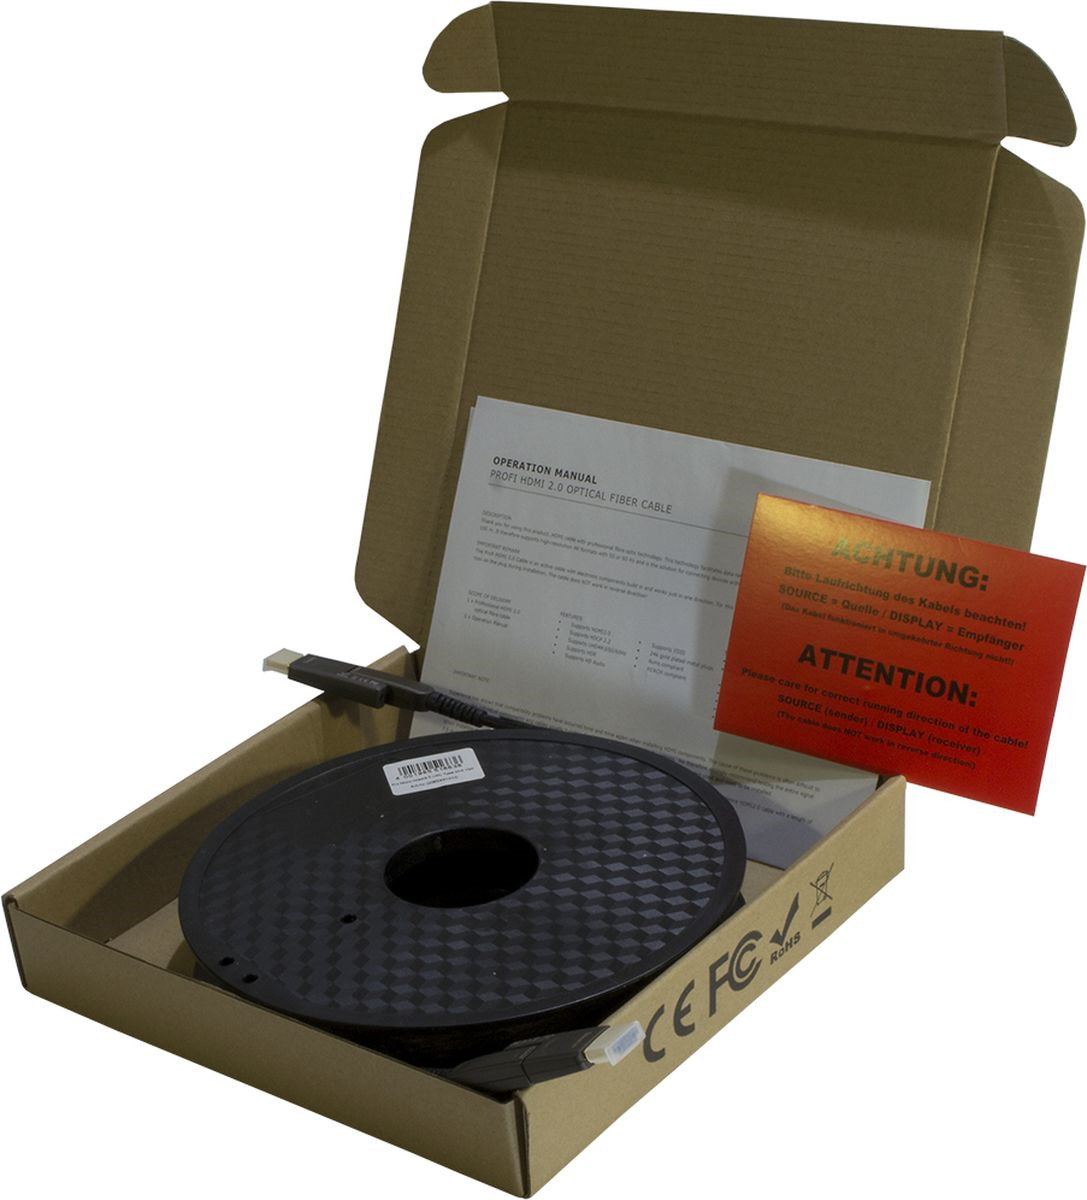 Кабель Eagle Cable Profi, HDMI, micro HDMI, 3132431010, черный, 10 м кабель акустический в нарезку supra rondo bi wire 4 x 4 mm